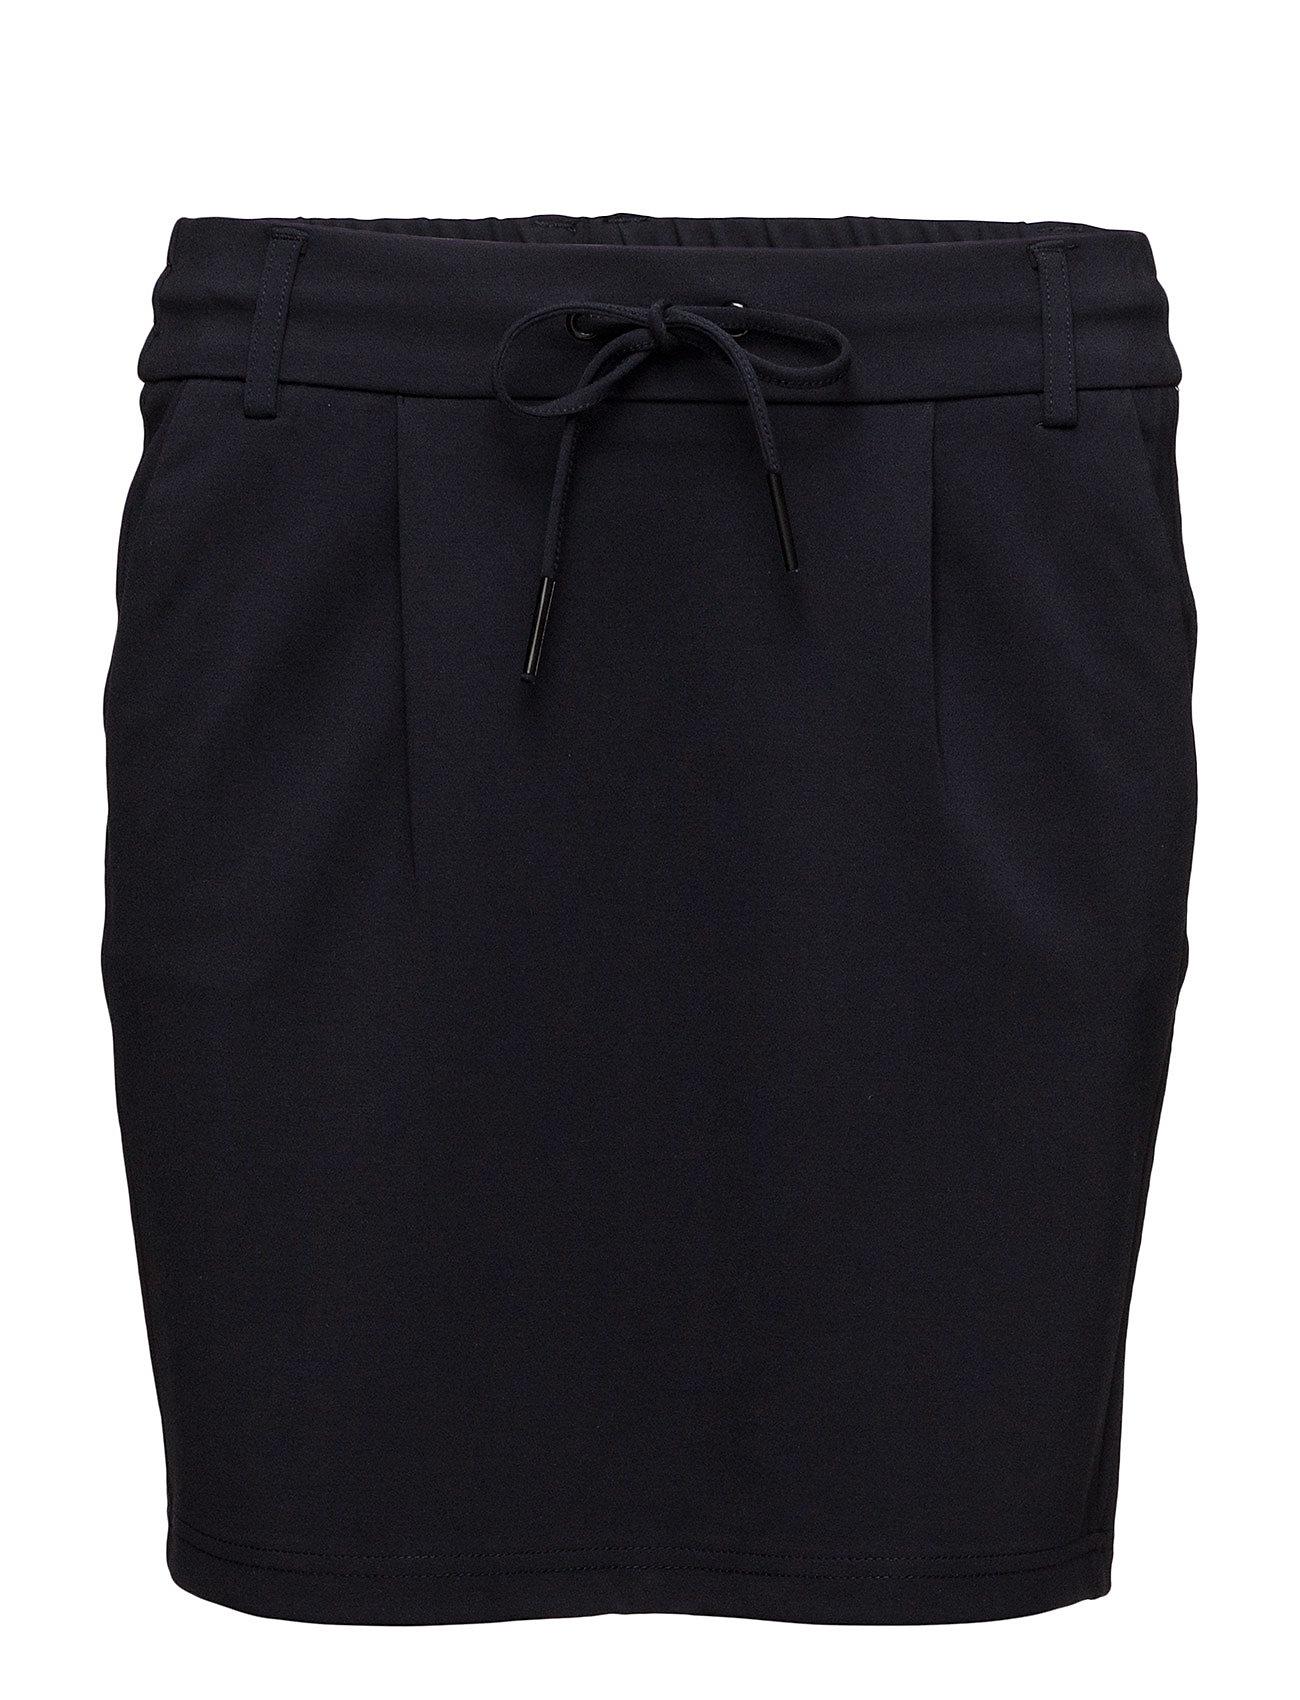 Image of Onlpoptrash Easy Skirt Pnt Noos Kort Nederdel Sort ONLY (3148638127)